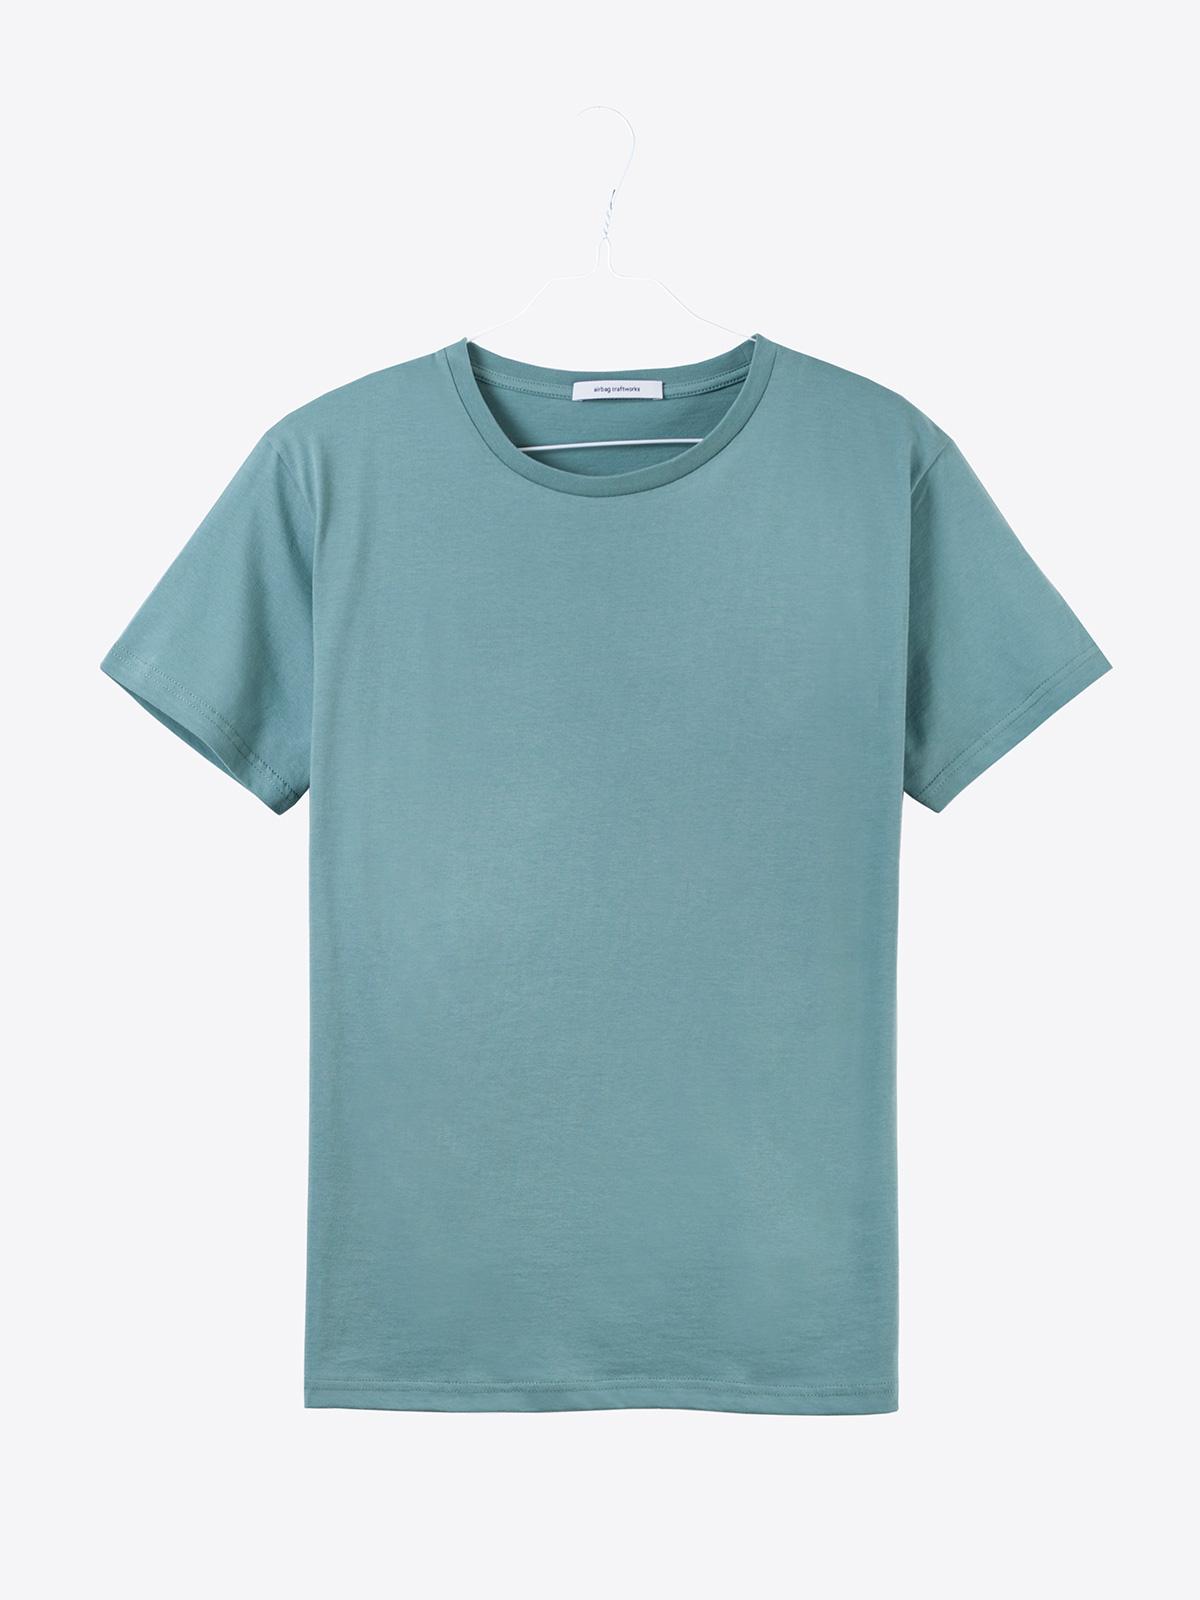 A2 t 01 blank | mint grey